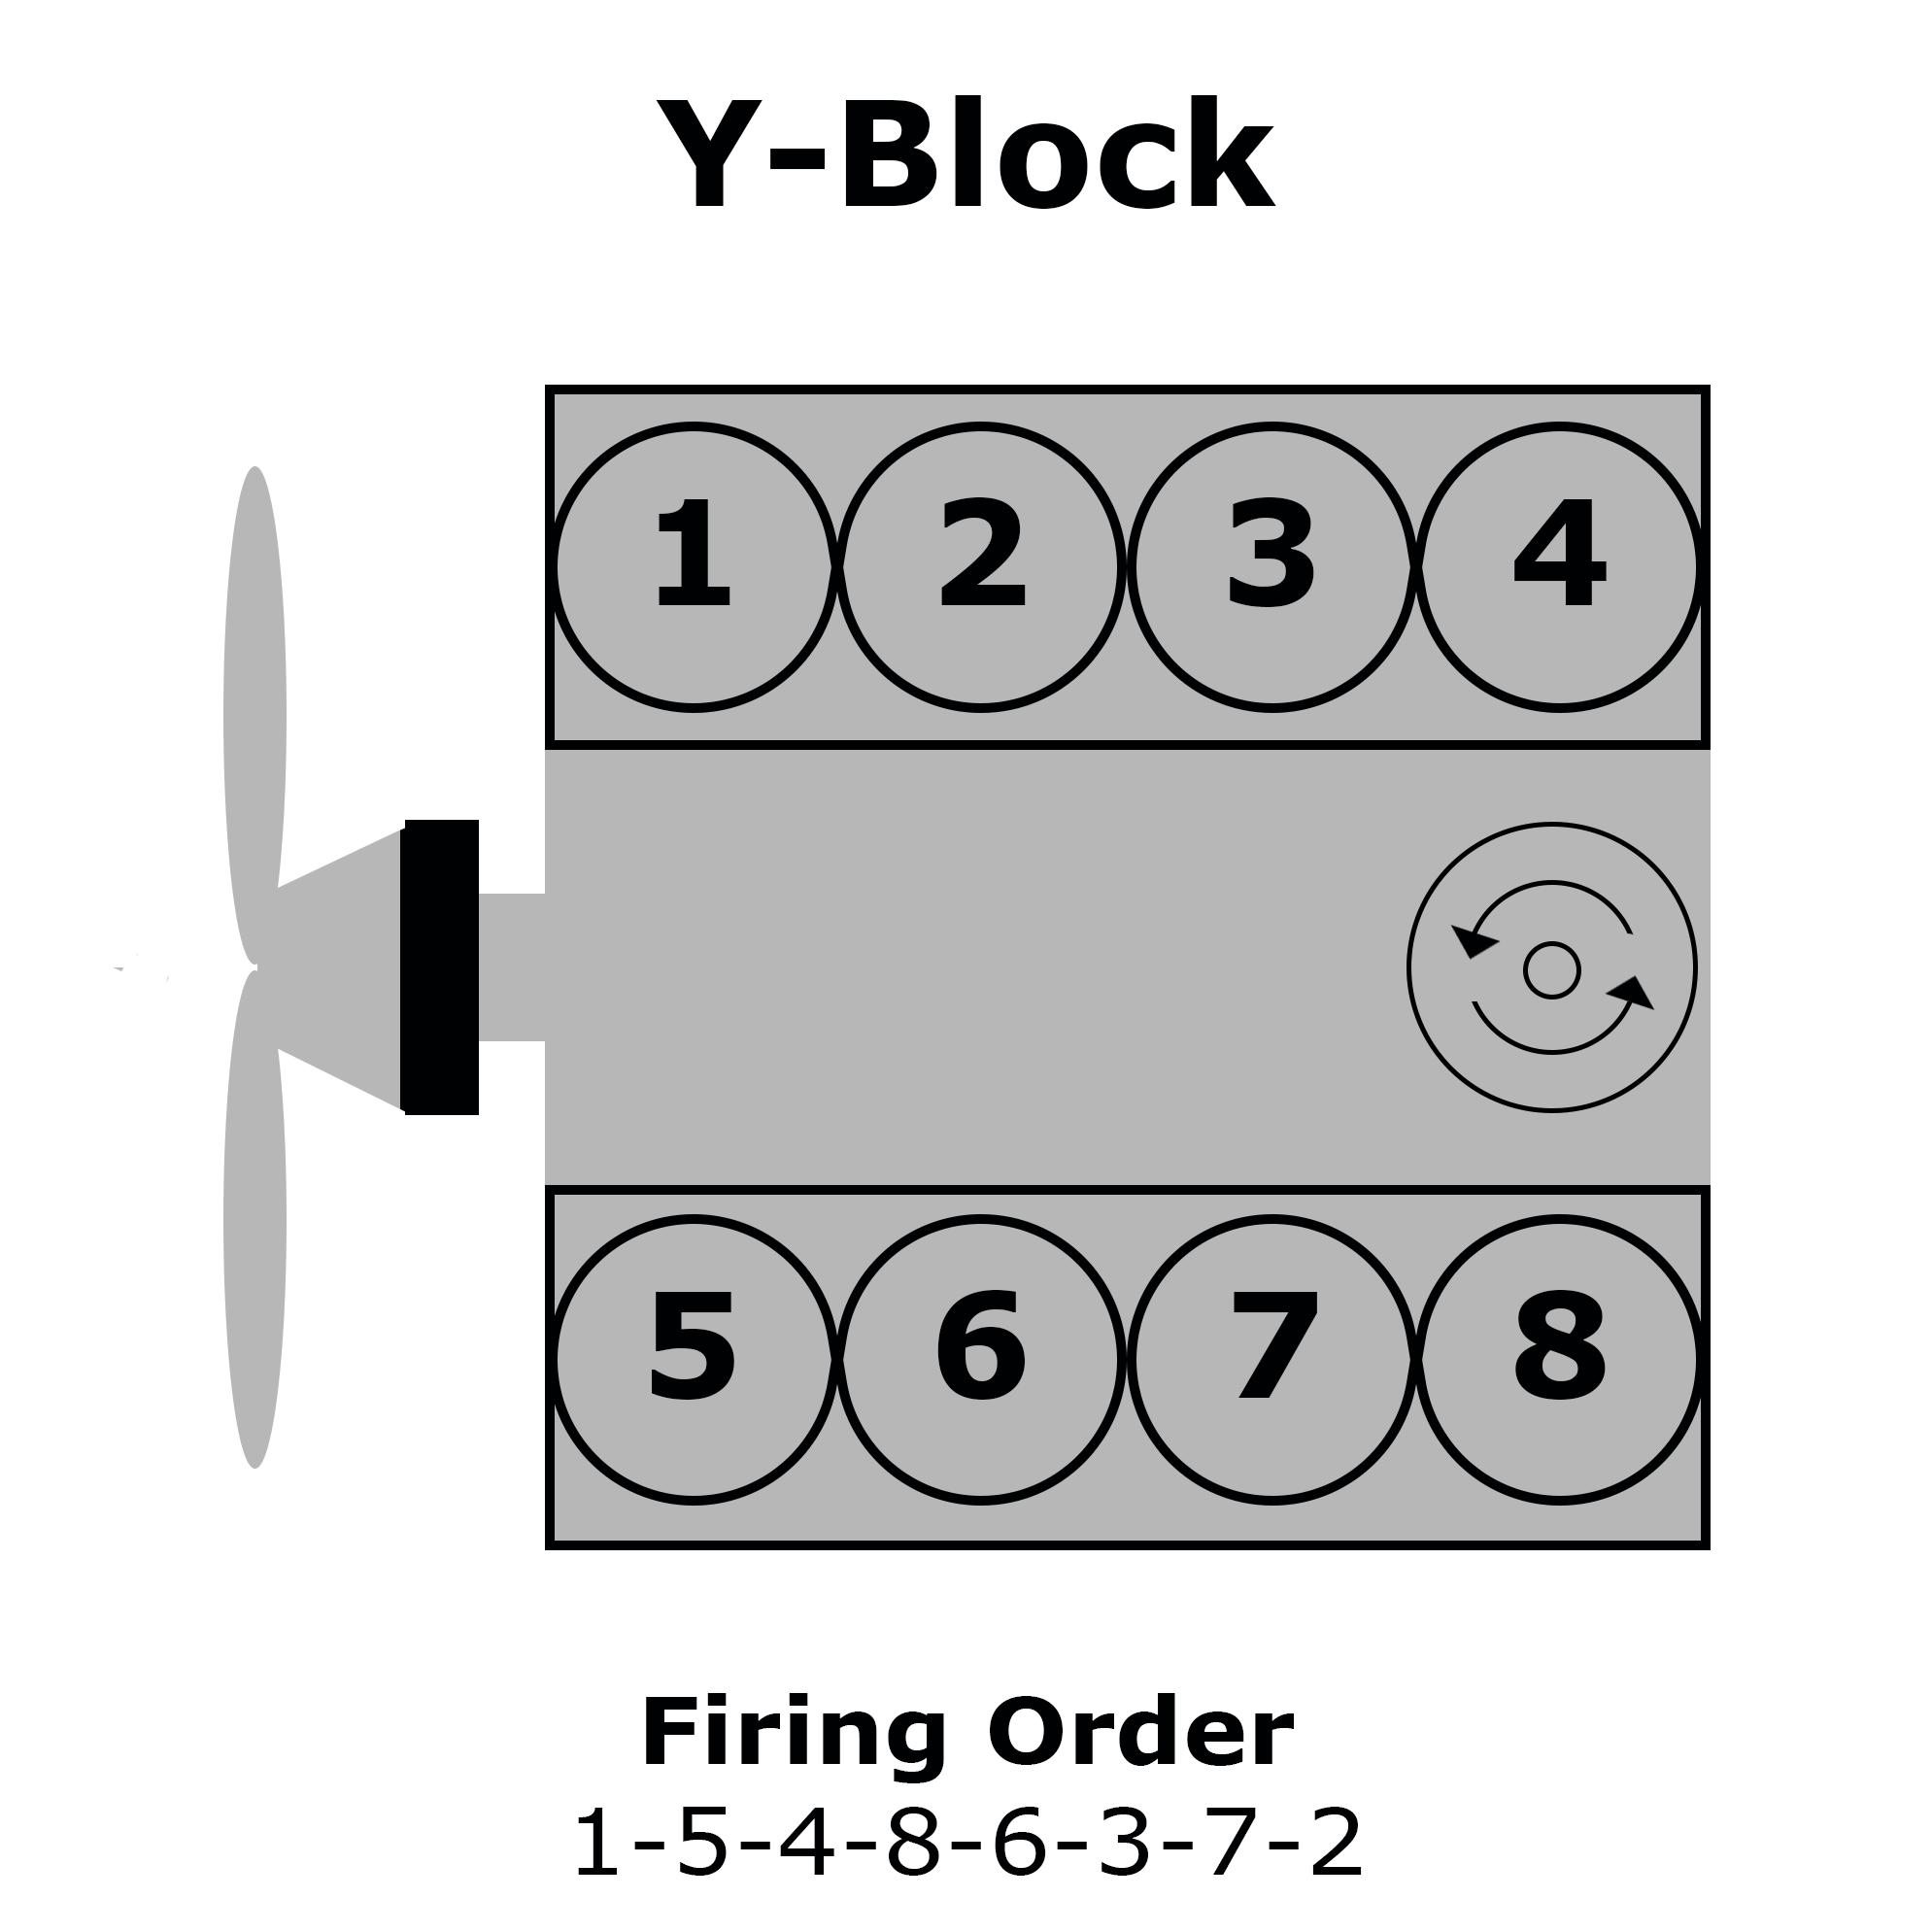 ford flathead firing order diagram whirlpool estate washer wiring y block